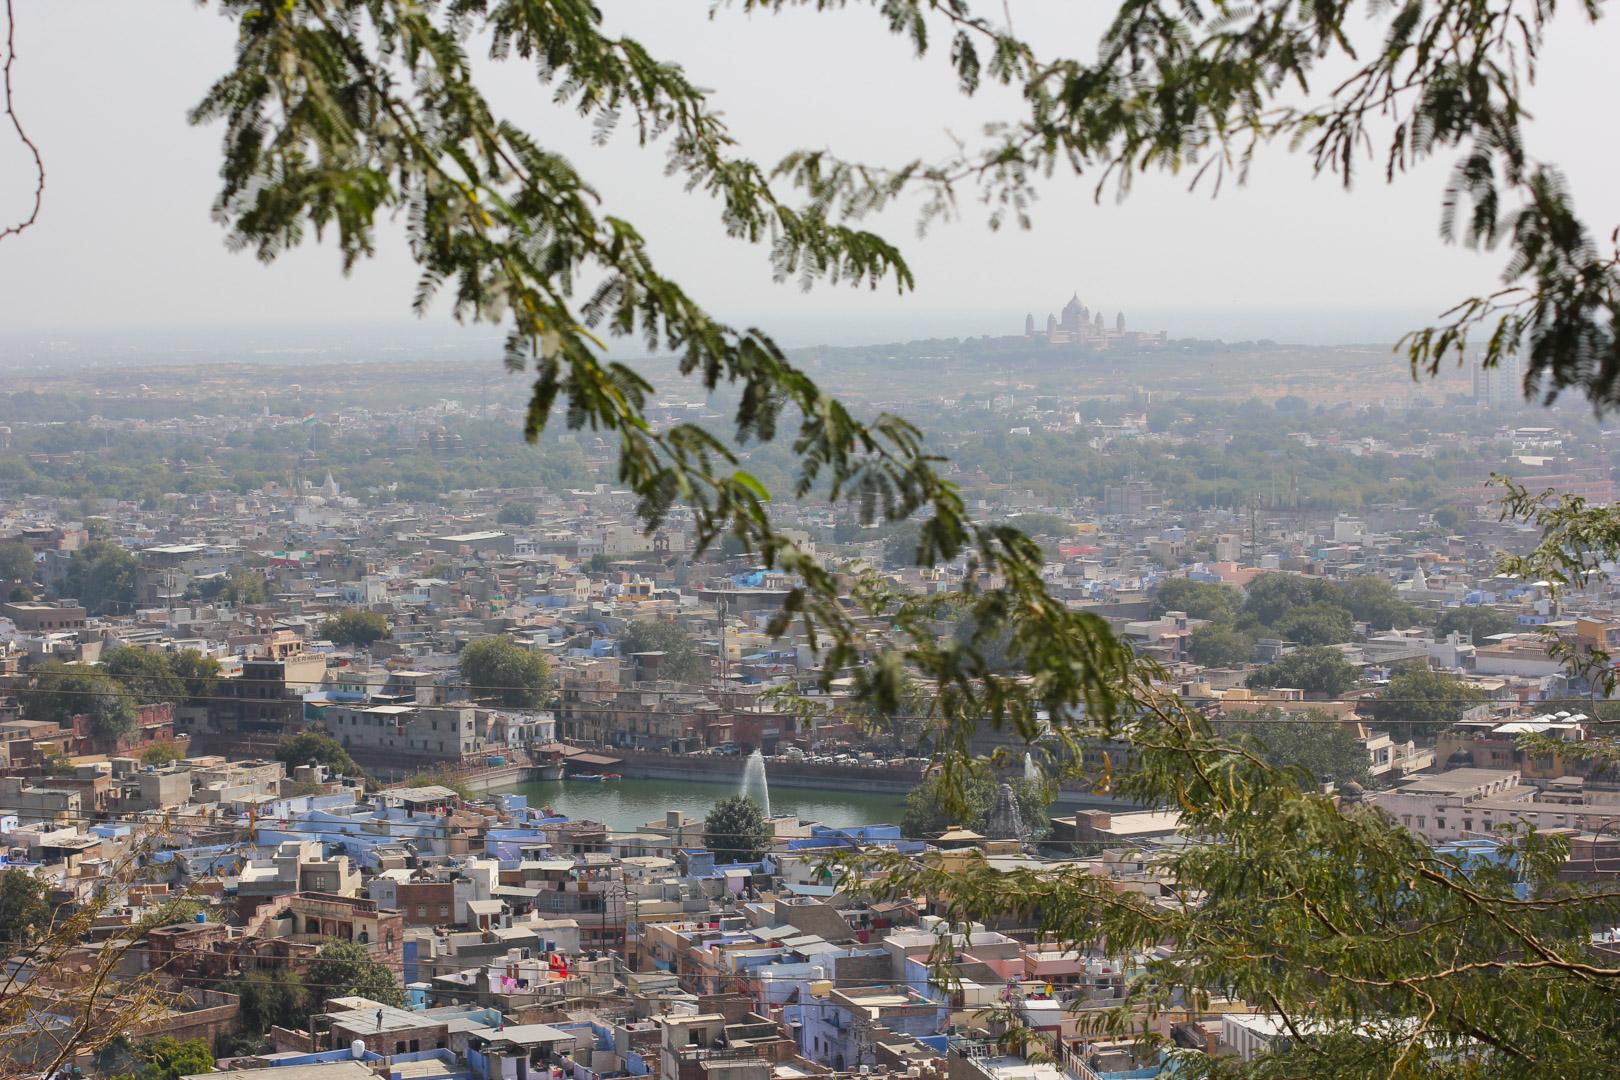 viaje-india-jodhpur-casas-azules